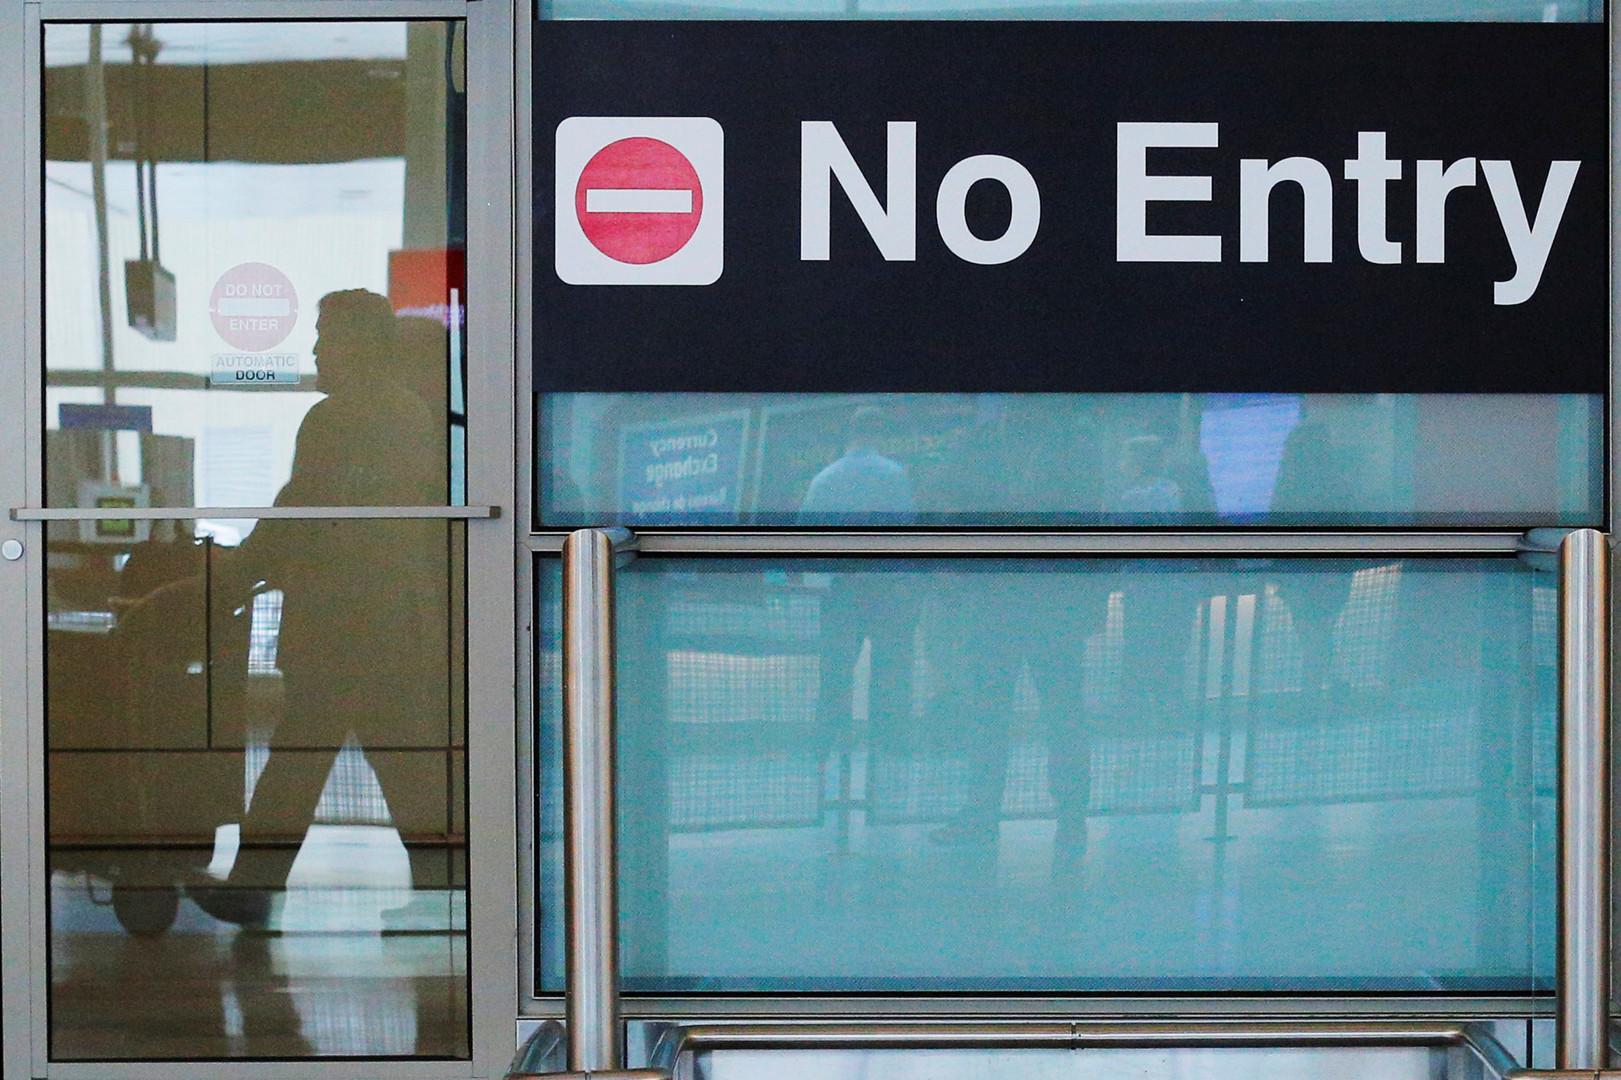 الولايات المتحدة تمنع طالبا عربيا من دخولها بسبب حسابه على